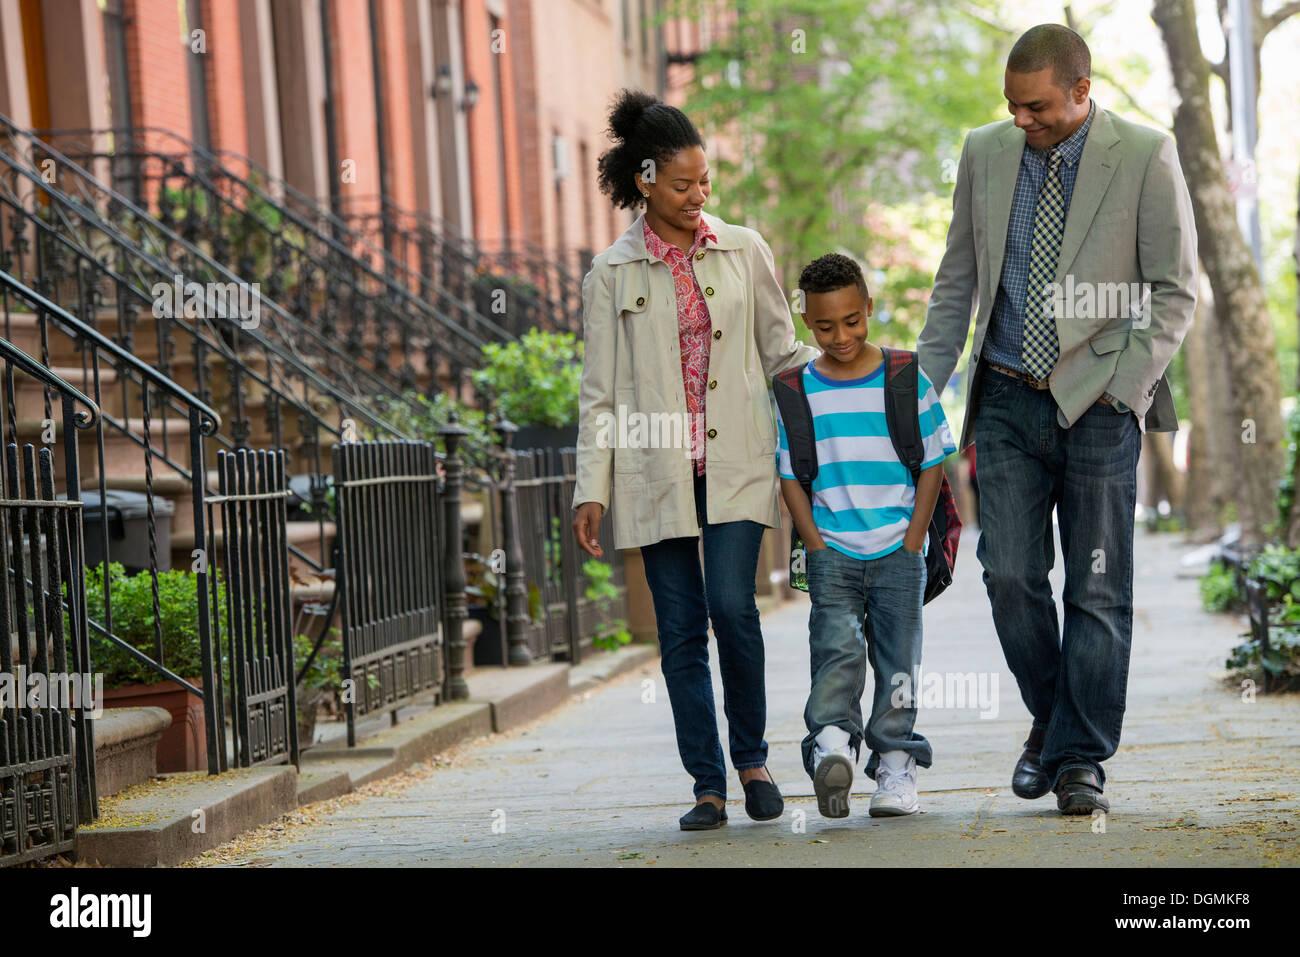 Una famiglia all'aperto nella città. Due genitori e un giovane ragazzo camminare insieme. Immagini Stock